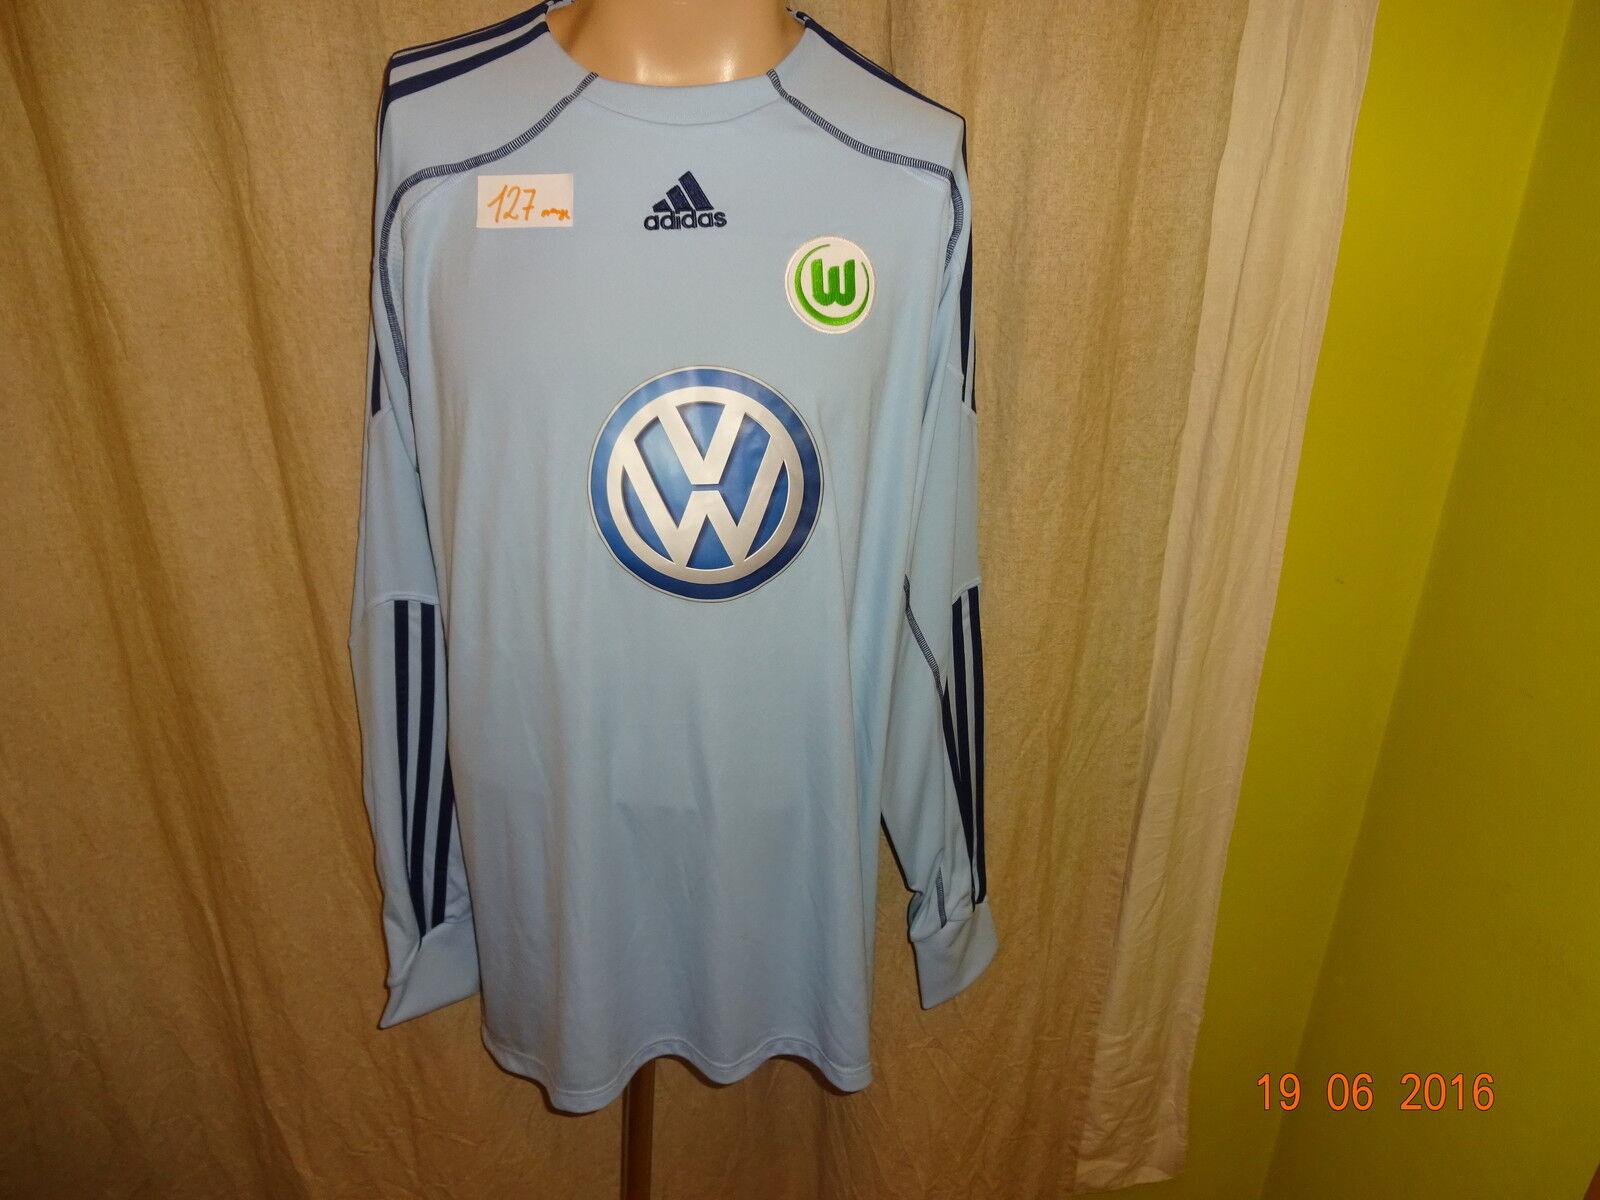 VfL Wolfsburg Adidas Formotion Spieler Version Torwart Trikot 2009 10 Gr.XXL Neu